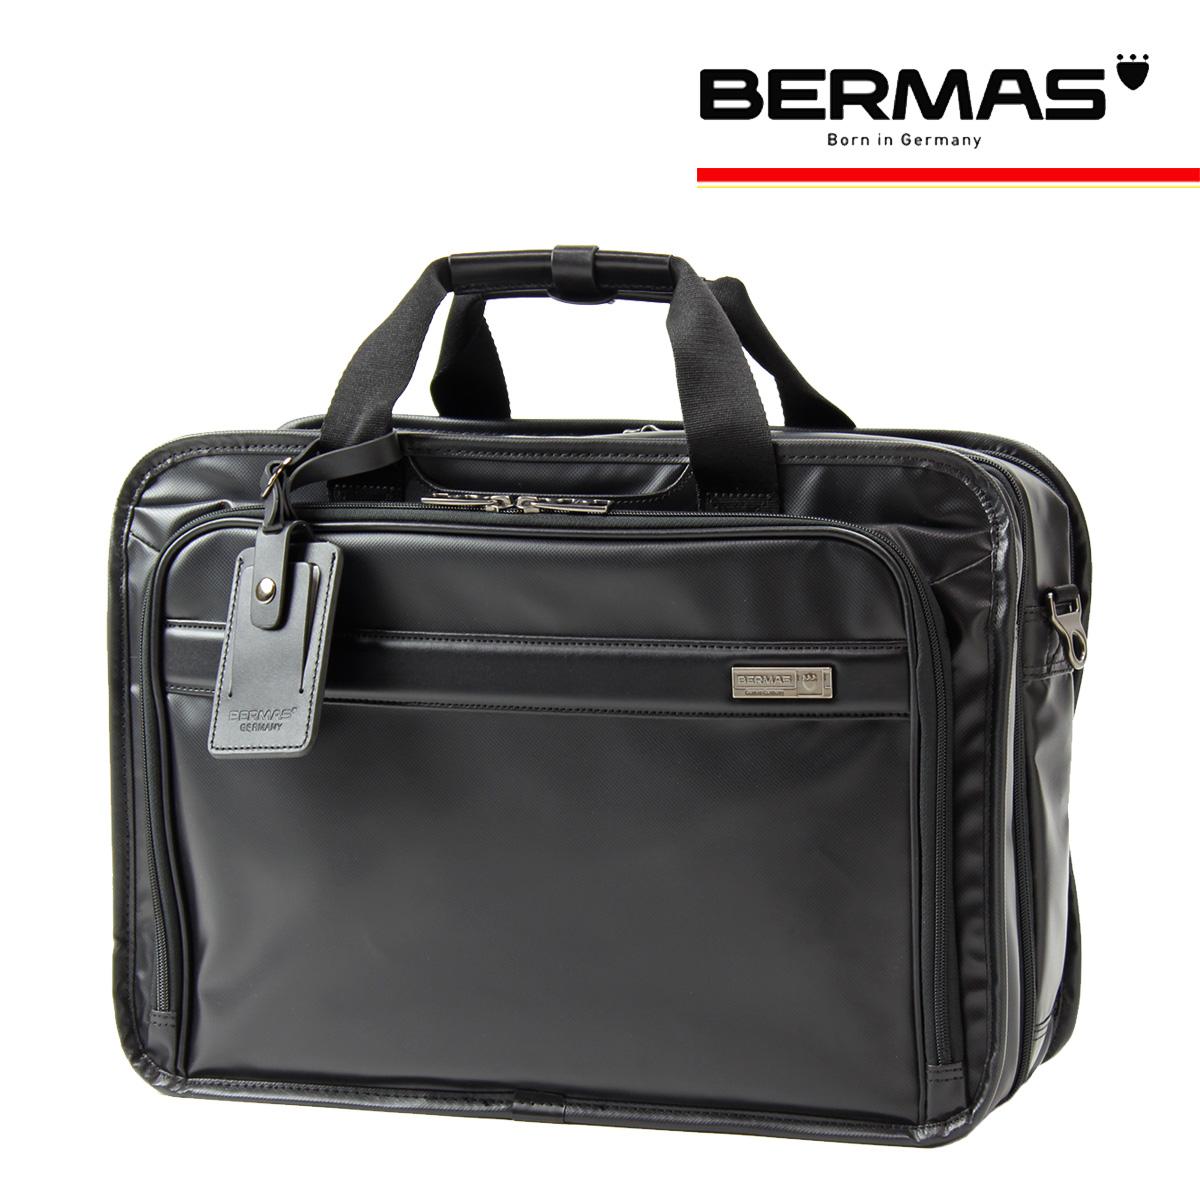 バーマス ブリーフケース 2WAY インターシティ メンズ 60461 BERMAS ビジネスバッグ 撥水 防汚 キャリーオン Lサイズ